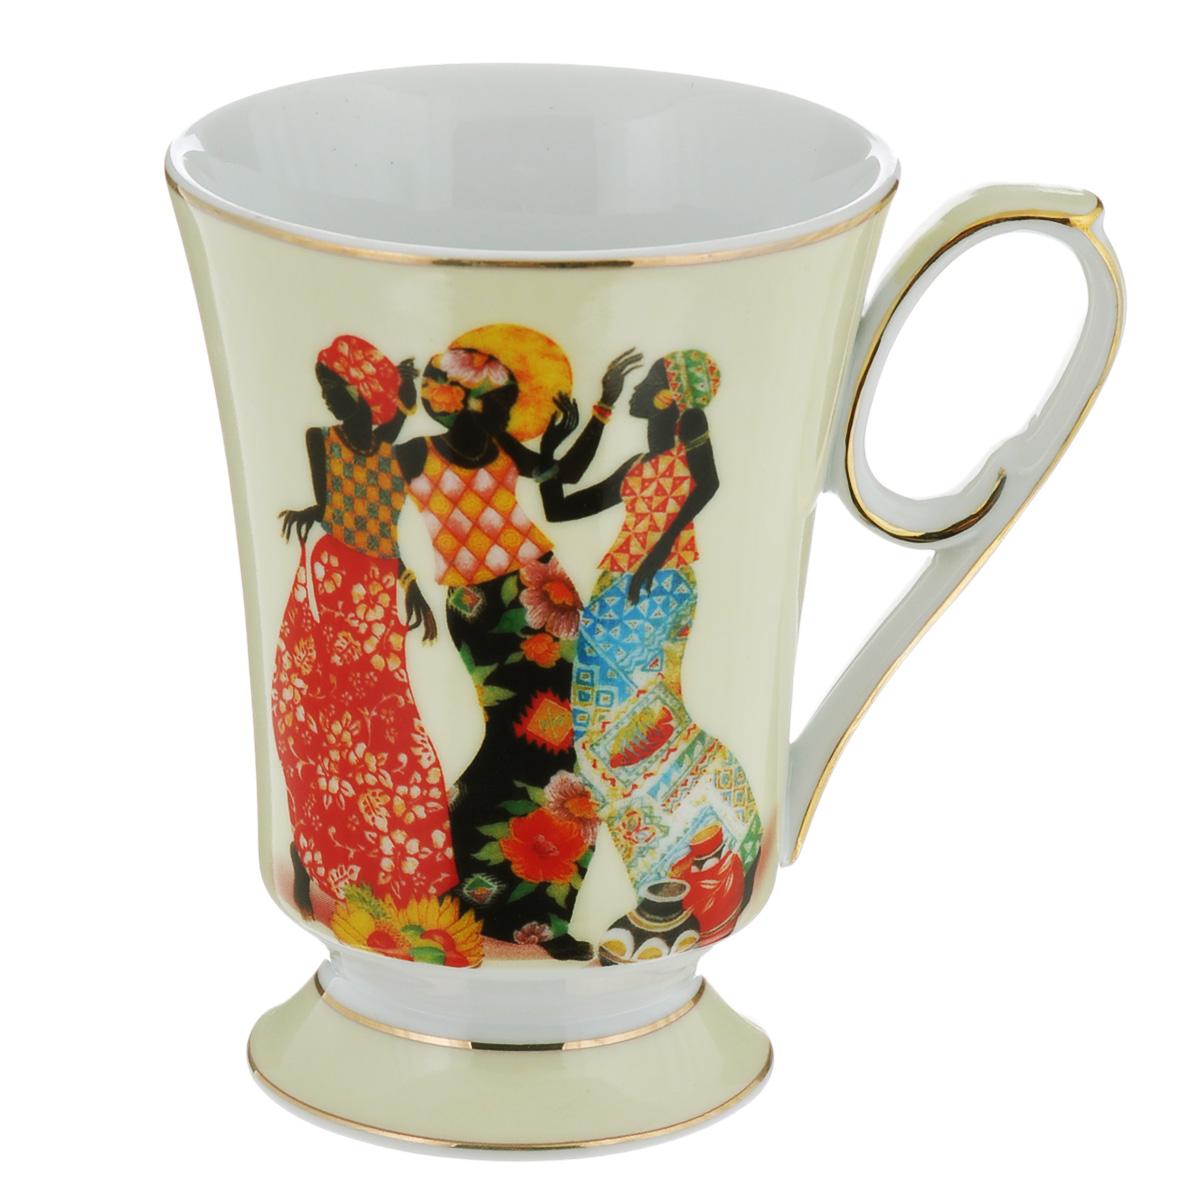 Кружка Lillo Африканские мотивы, 300 млTS 1187Кружка Lillo Африканские мотивы выполнена из высококачественного фарфора и украшена изображением трех девушек в ярких костюмах. На ручке и по краю кружки имеется золотистая кайма. Такая кружка порадует вас дизайном и функциональностью, а пить чай или кофе из нее станет еще приятнее. Остерегайтесь сильных ударов. Не применять абразивные чистящие средства.